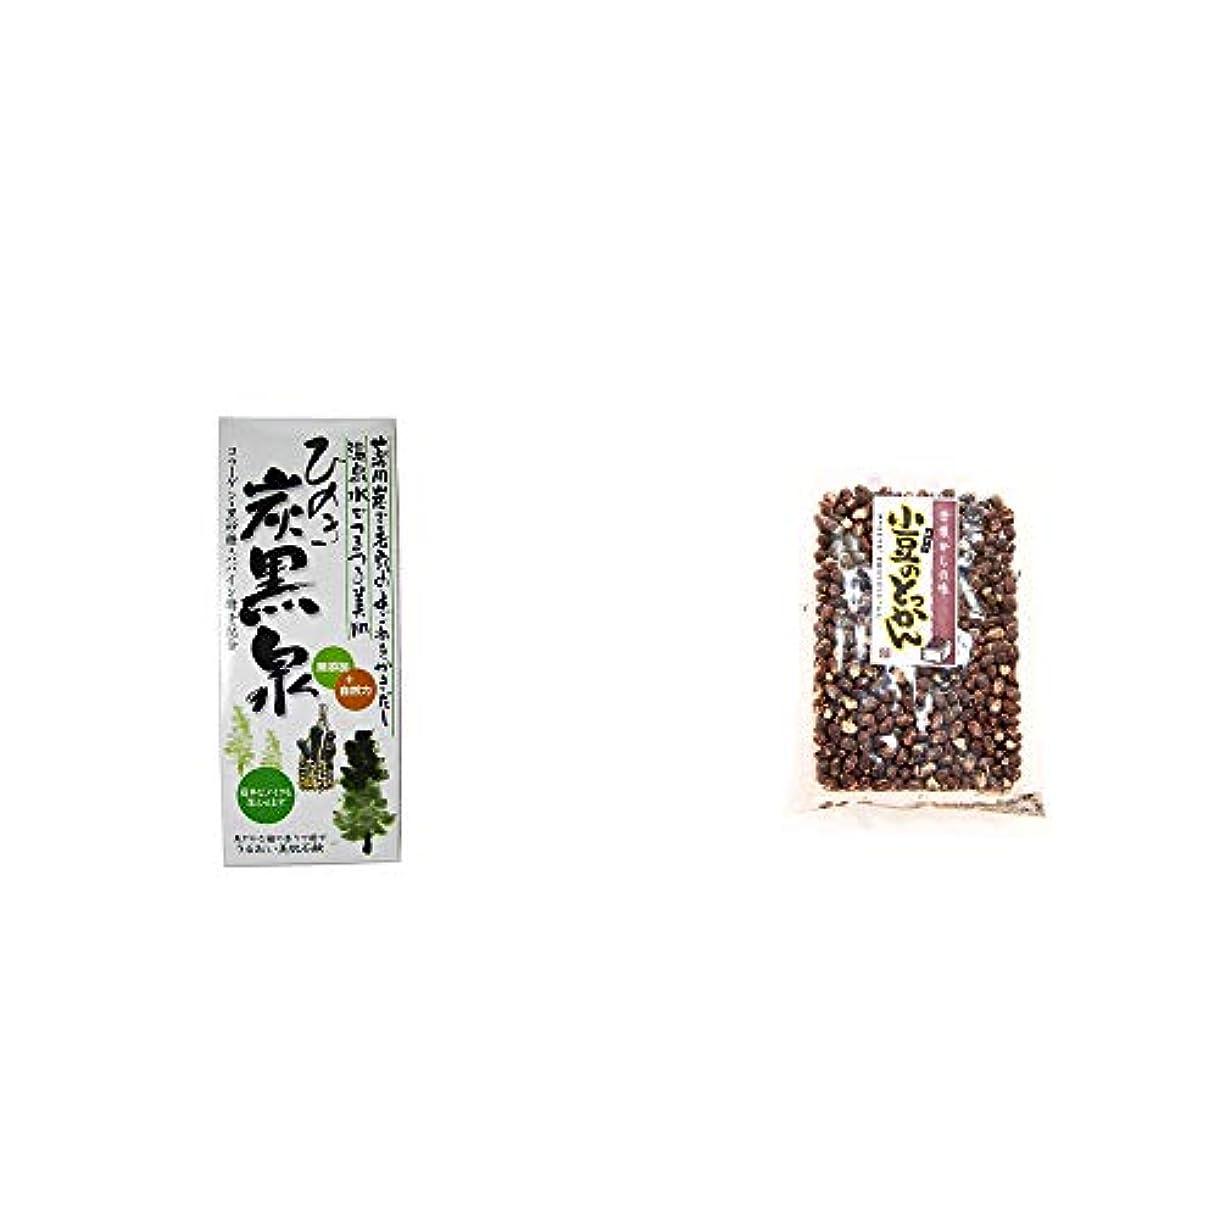 休戦ゴシップつまらない[2点セット] ひのき炭黒泉 箱入り(75g×3)?小豆のとっかん(150g)